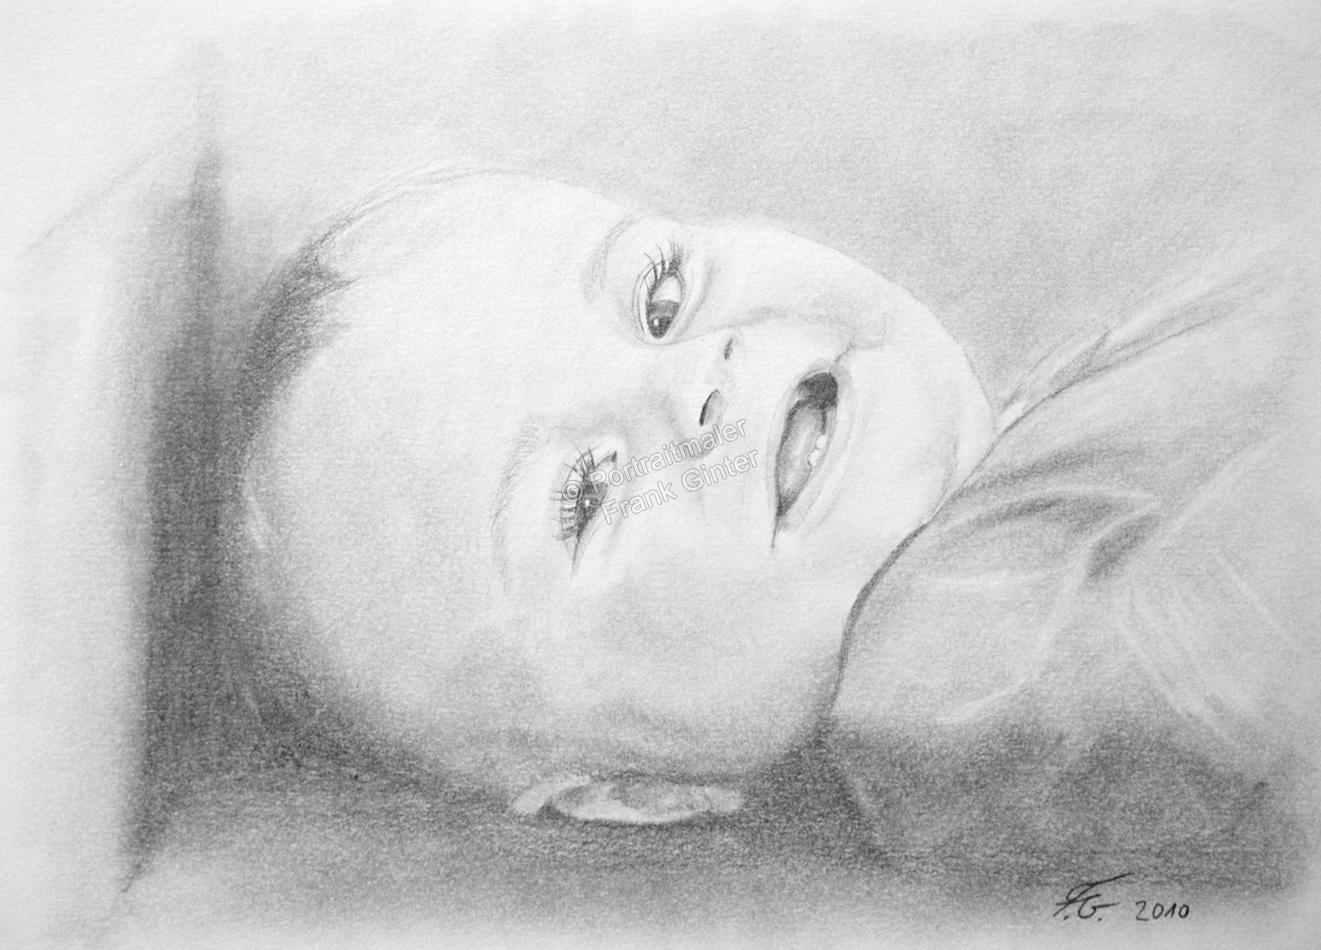 Bleistiftzeichnung Baby, Portraitzeichnung - Baby Zeichnung, Babyportrait, Bleistiftzeichnungen Baby-Portrait